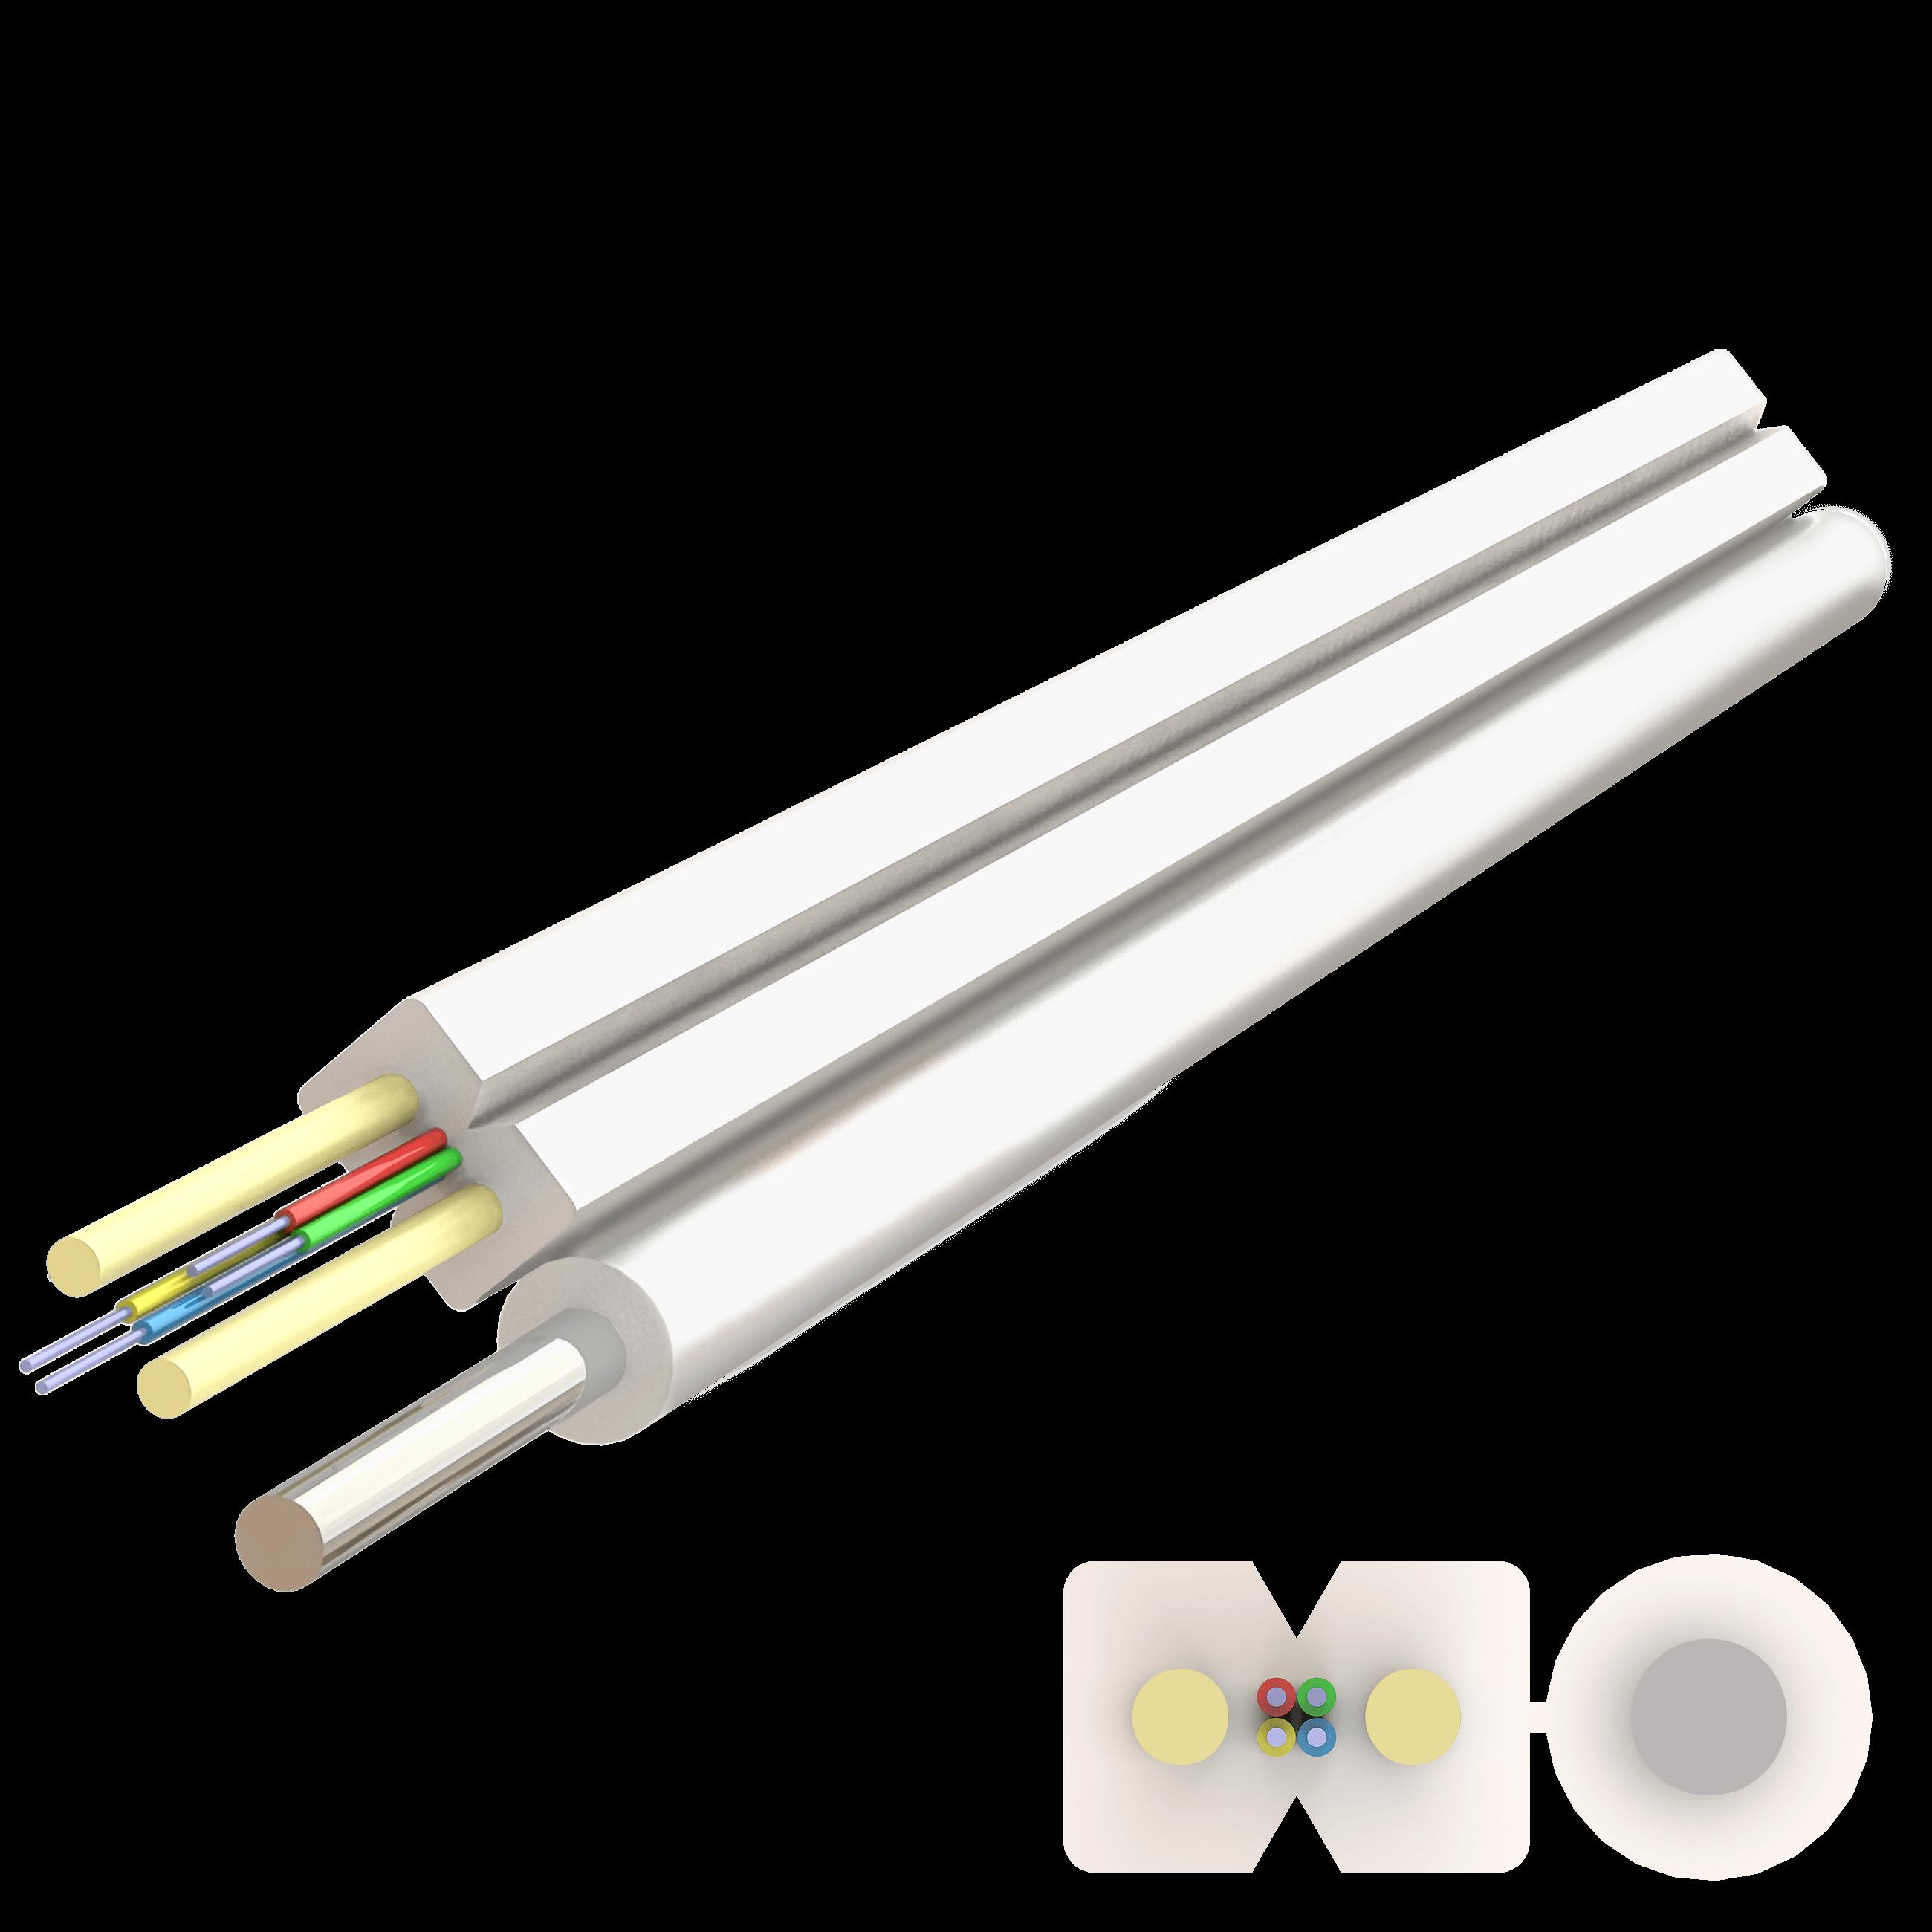 Samm Teknoloji - Flat Askı Telli Drop FRP Kablo 2.0x5.2mm | A-N(ZM)H-SH | Up to 4F | 1000 metre (1)